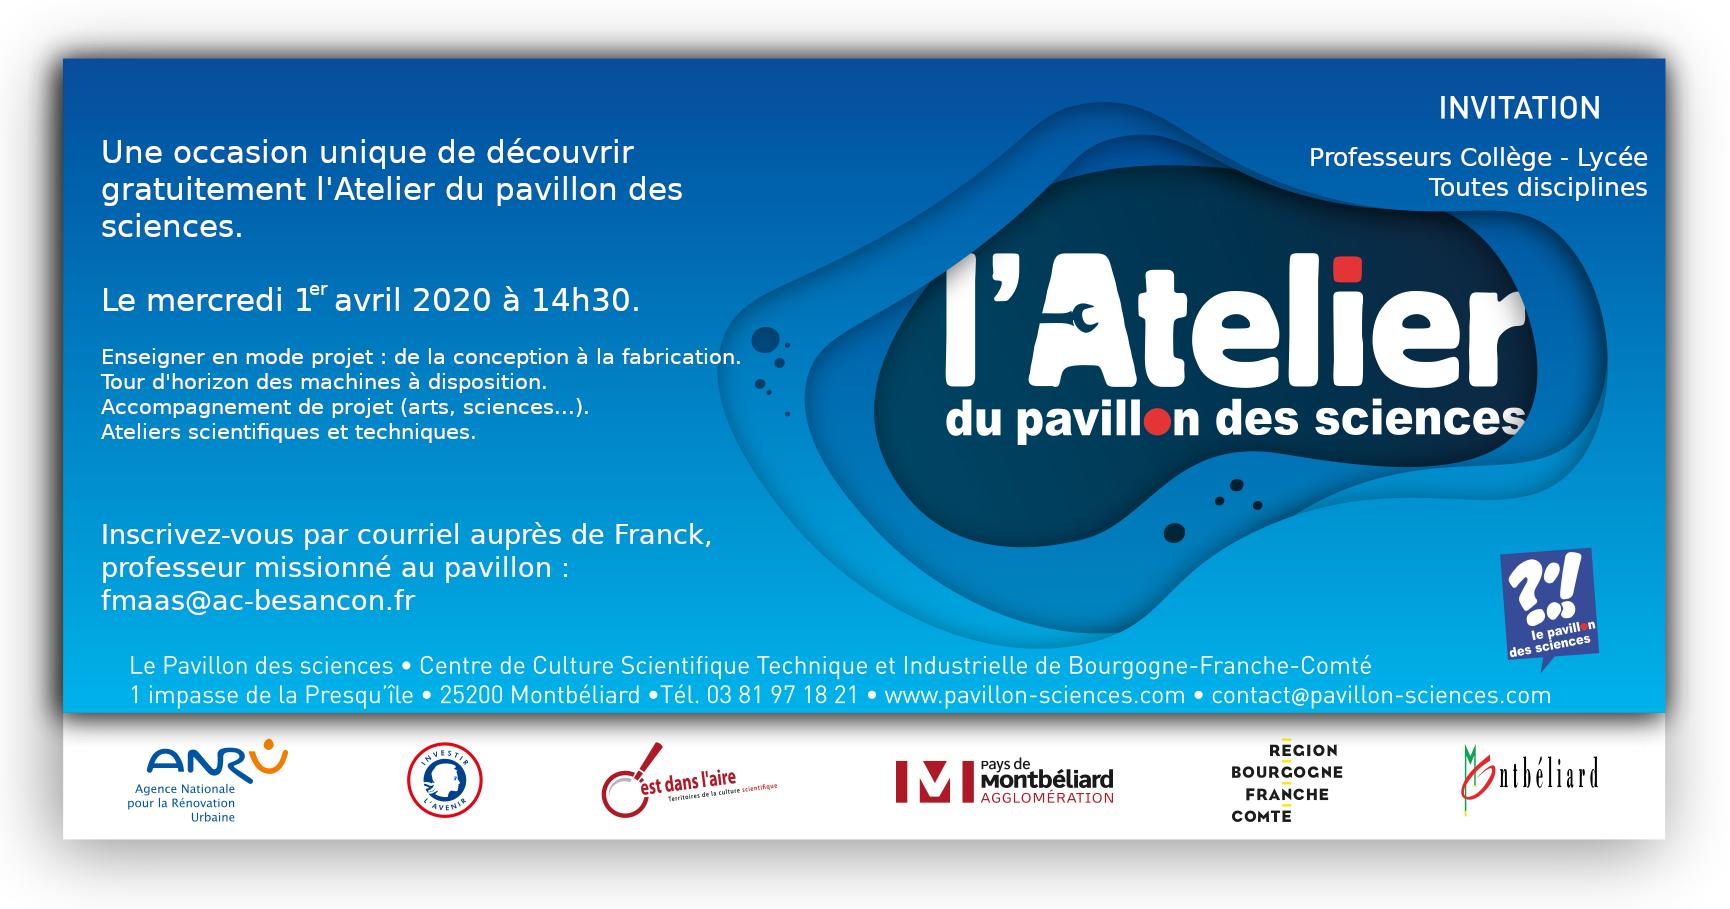 Présentation de l'Atelier du Pavillon des sciences – Mercredi 1er avril 2020 à 14h30